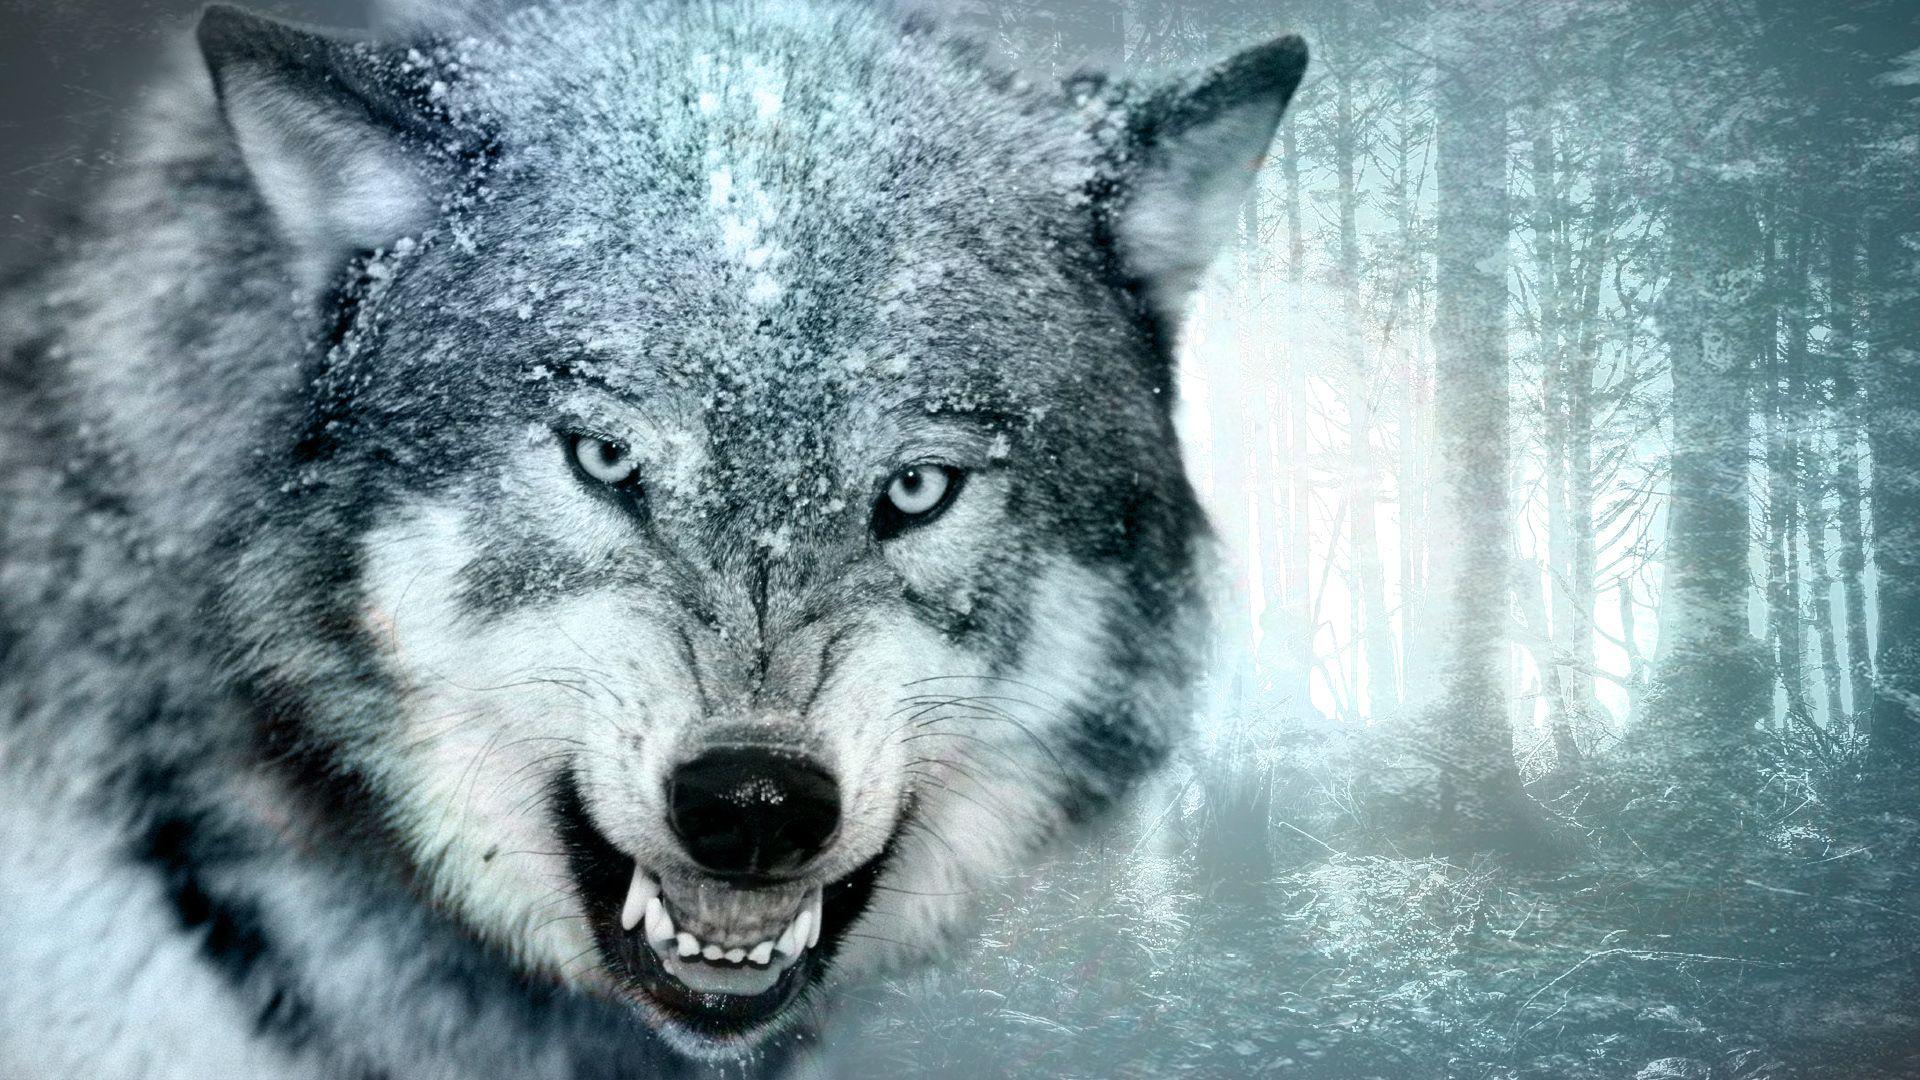 Fonds D Ecran Animaux Loups Loups Des Neiges Photo Hibou Images Noir Et Blanc